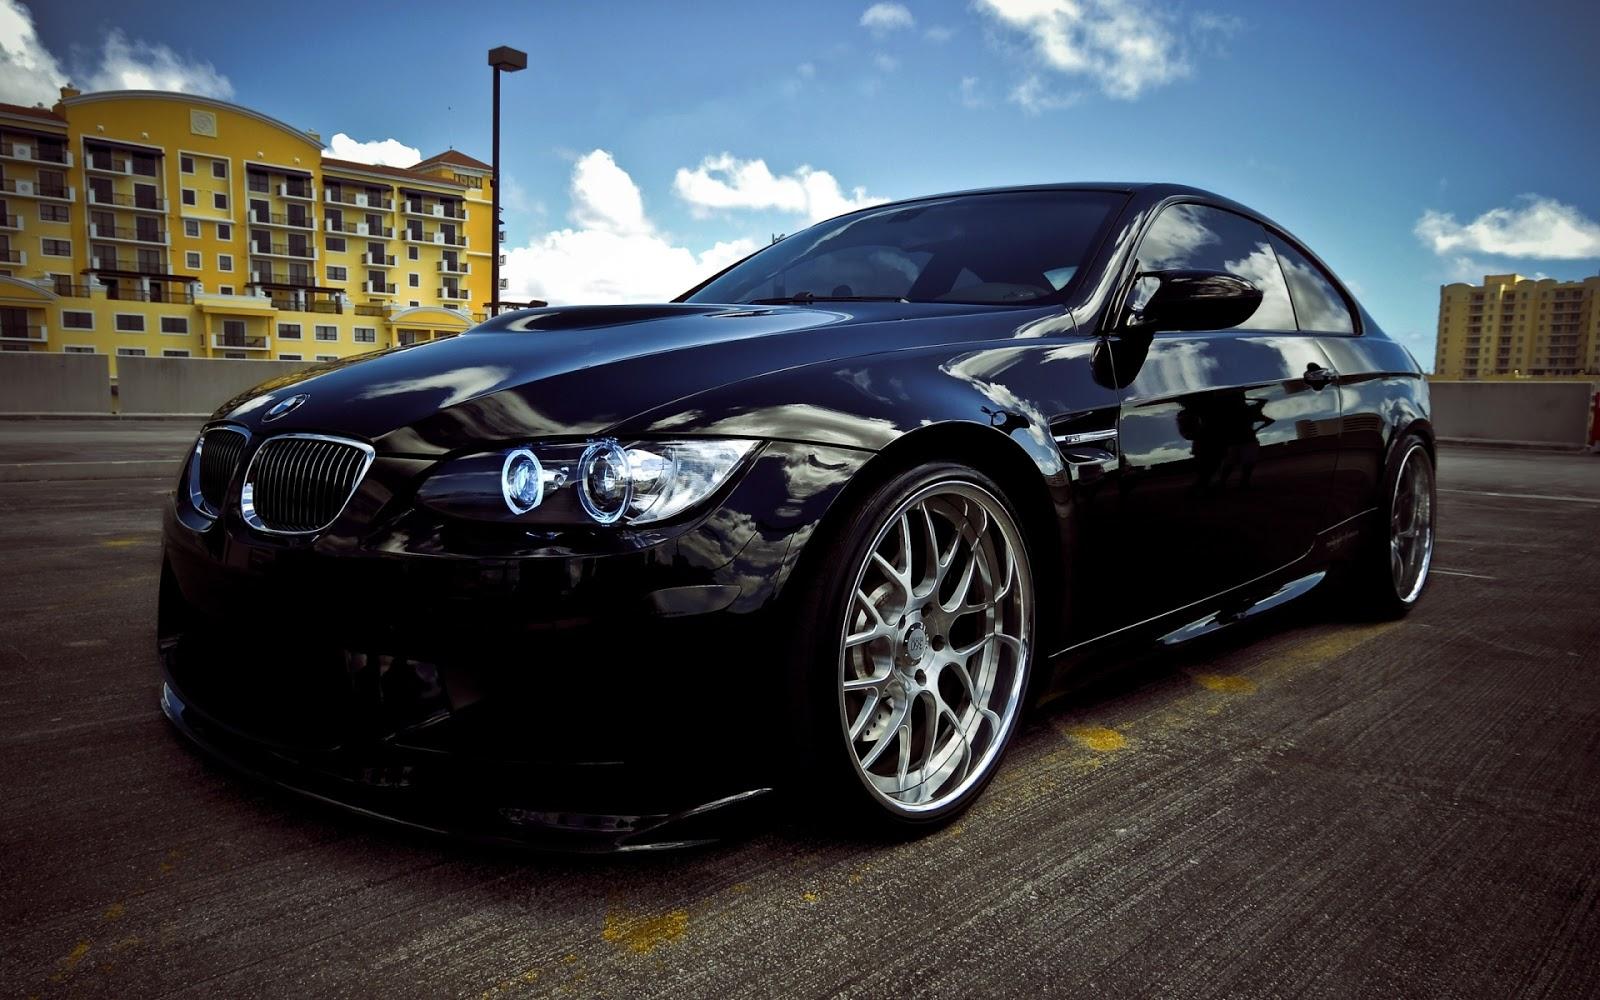 BMW M3 2010 Car